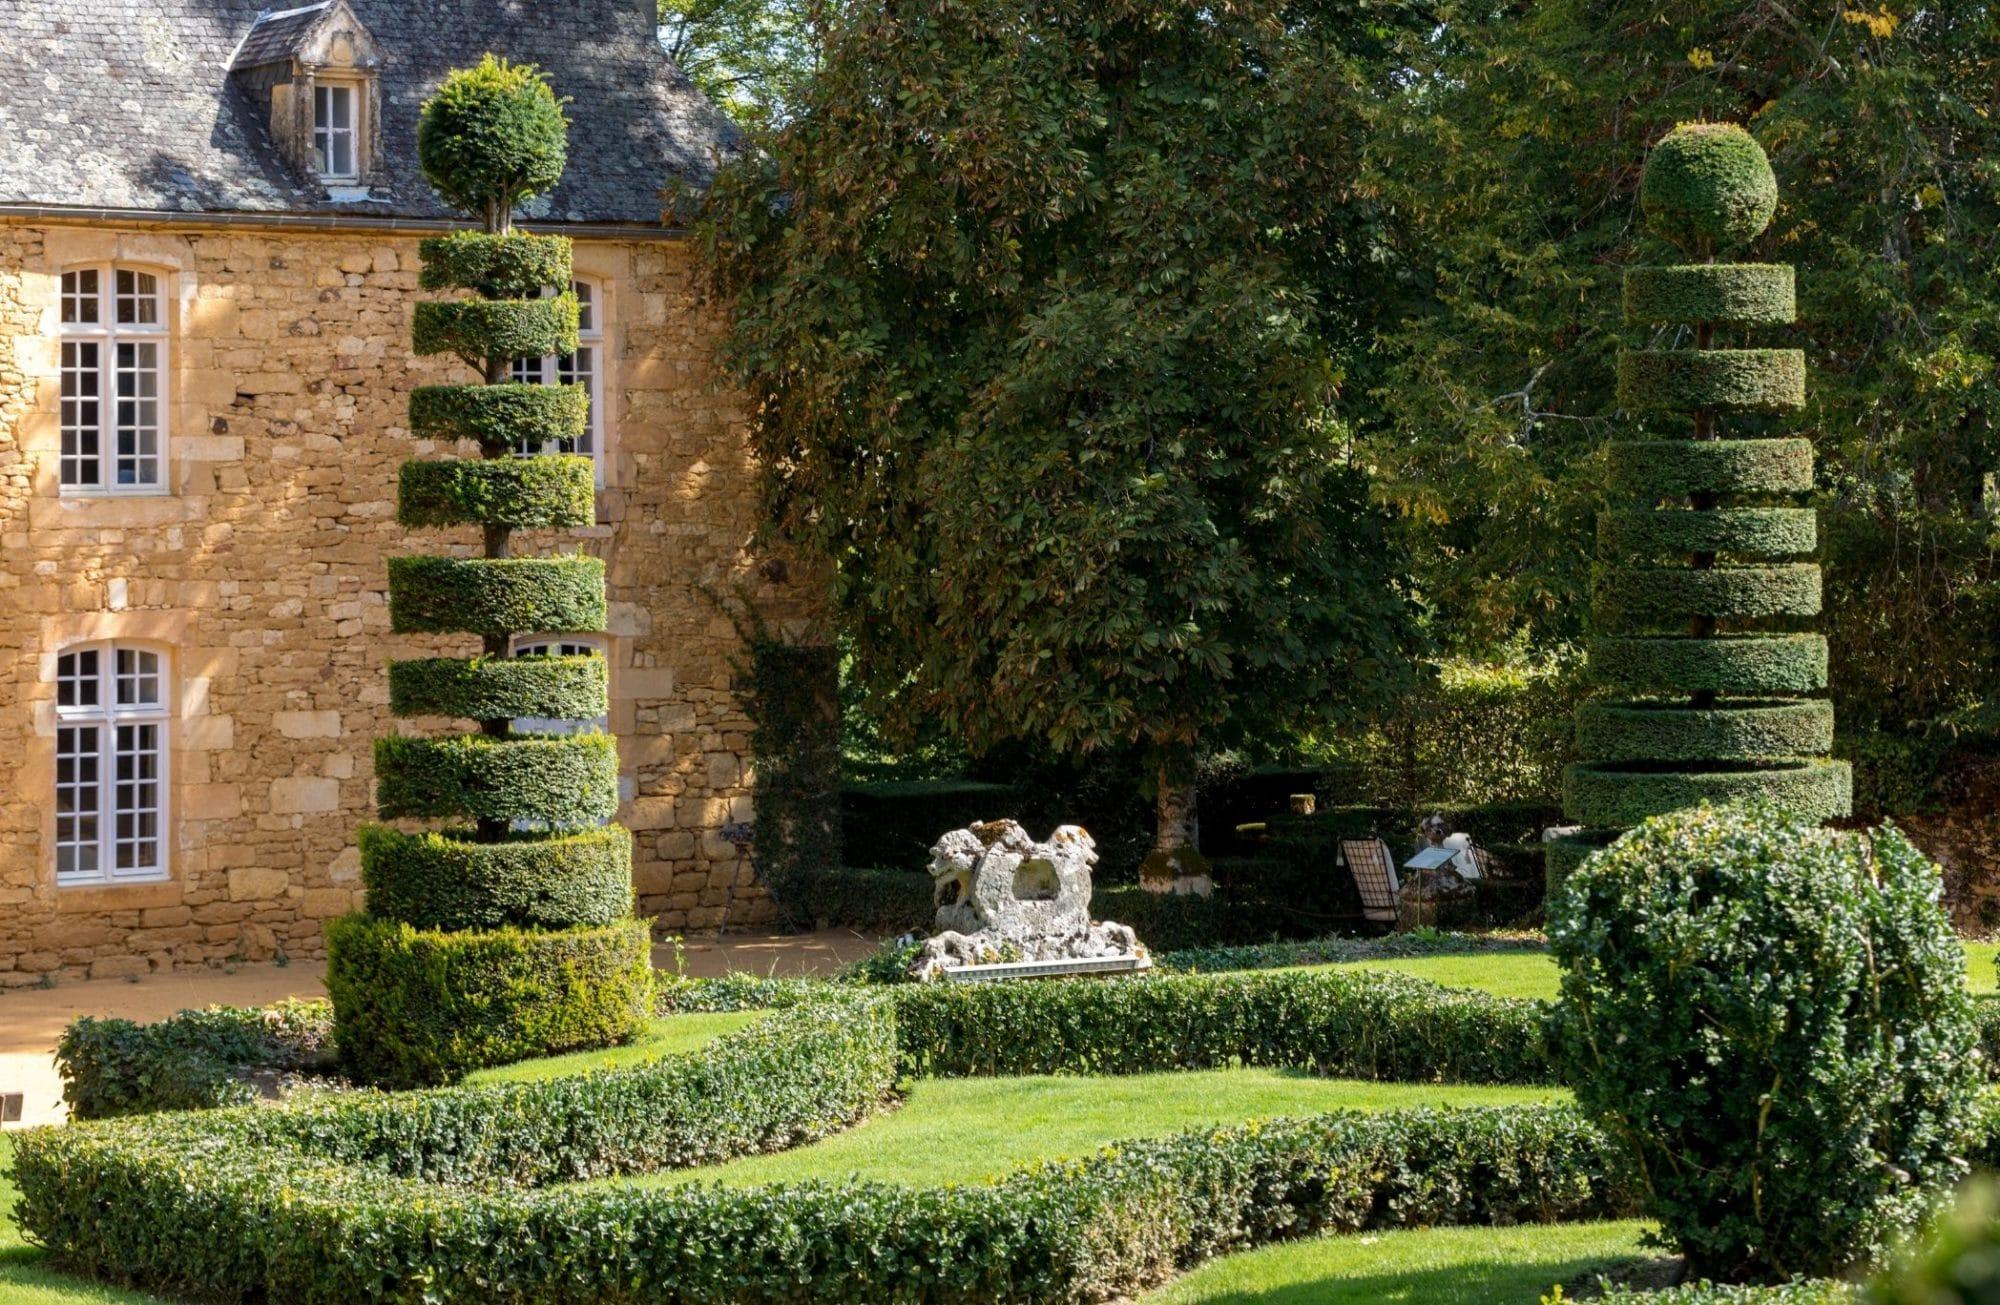 Allez à la rencontre de ces 6 jardins à la française méconnus